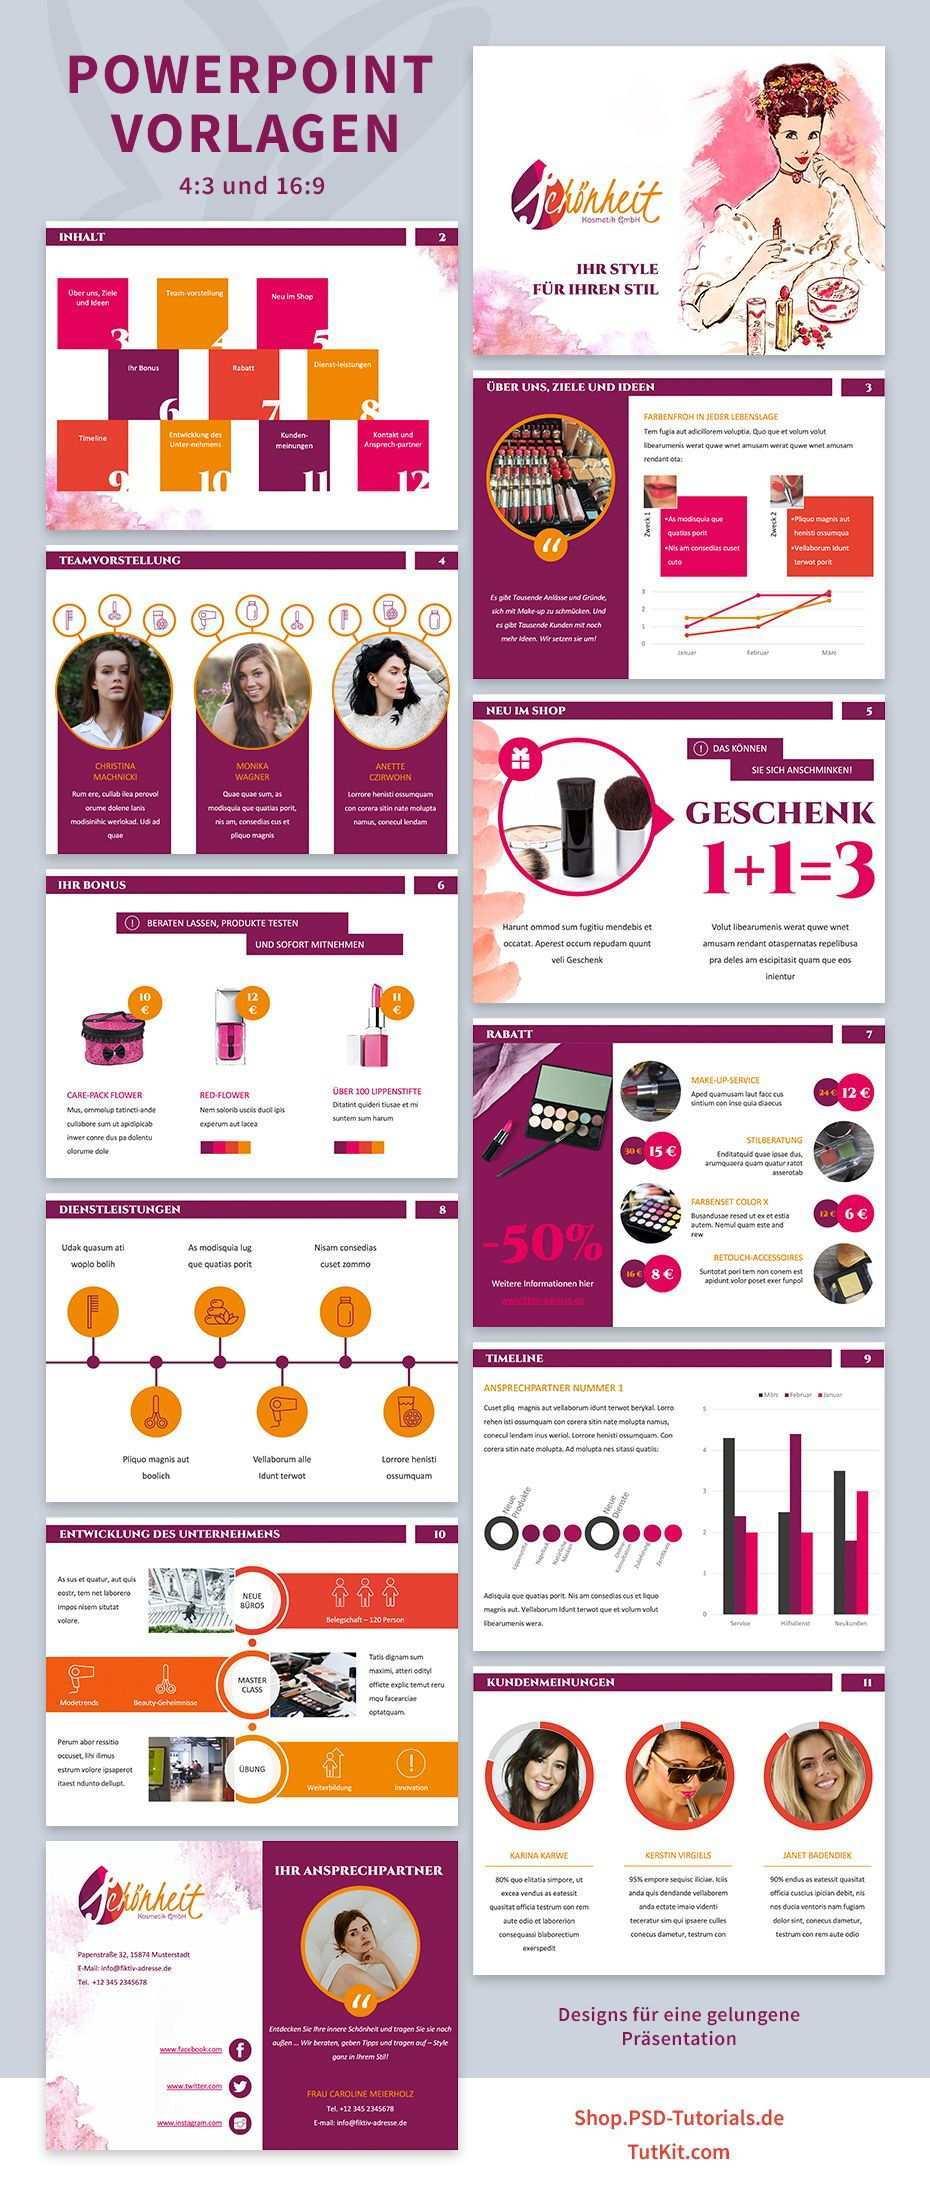 Professionelle Powerpoint Vorlagen Fertige Designs Zur Prasentation Powerpoint Vorlagen Power Point Vorlagen